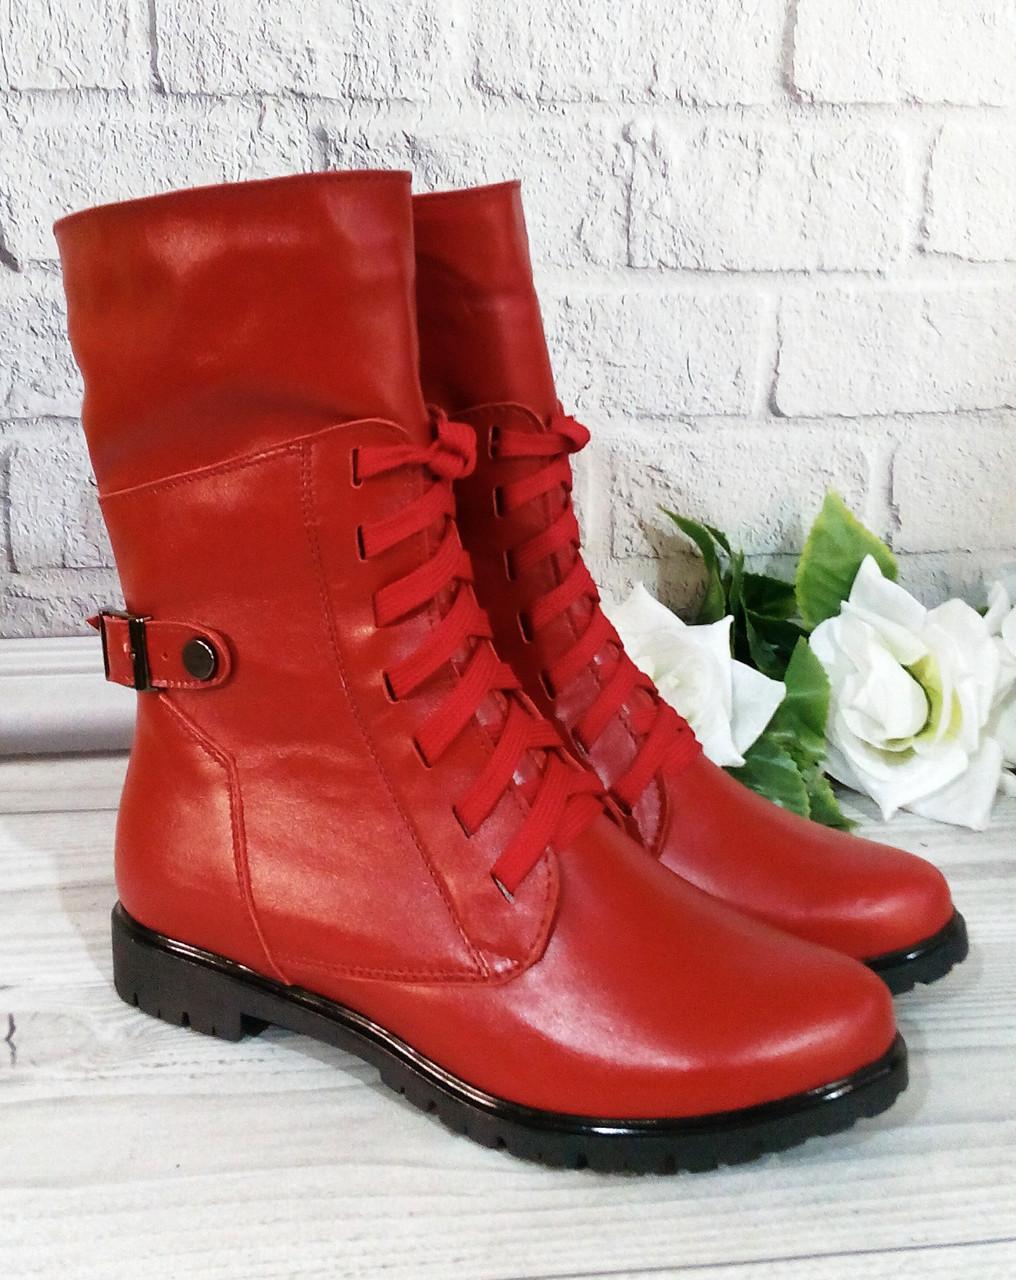 Червоні шкіряні черевики жіночі